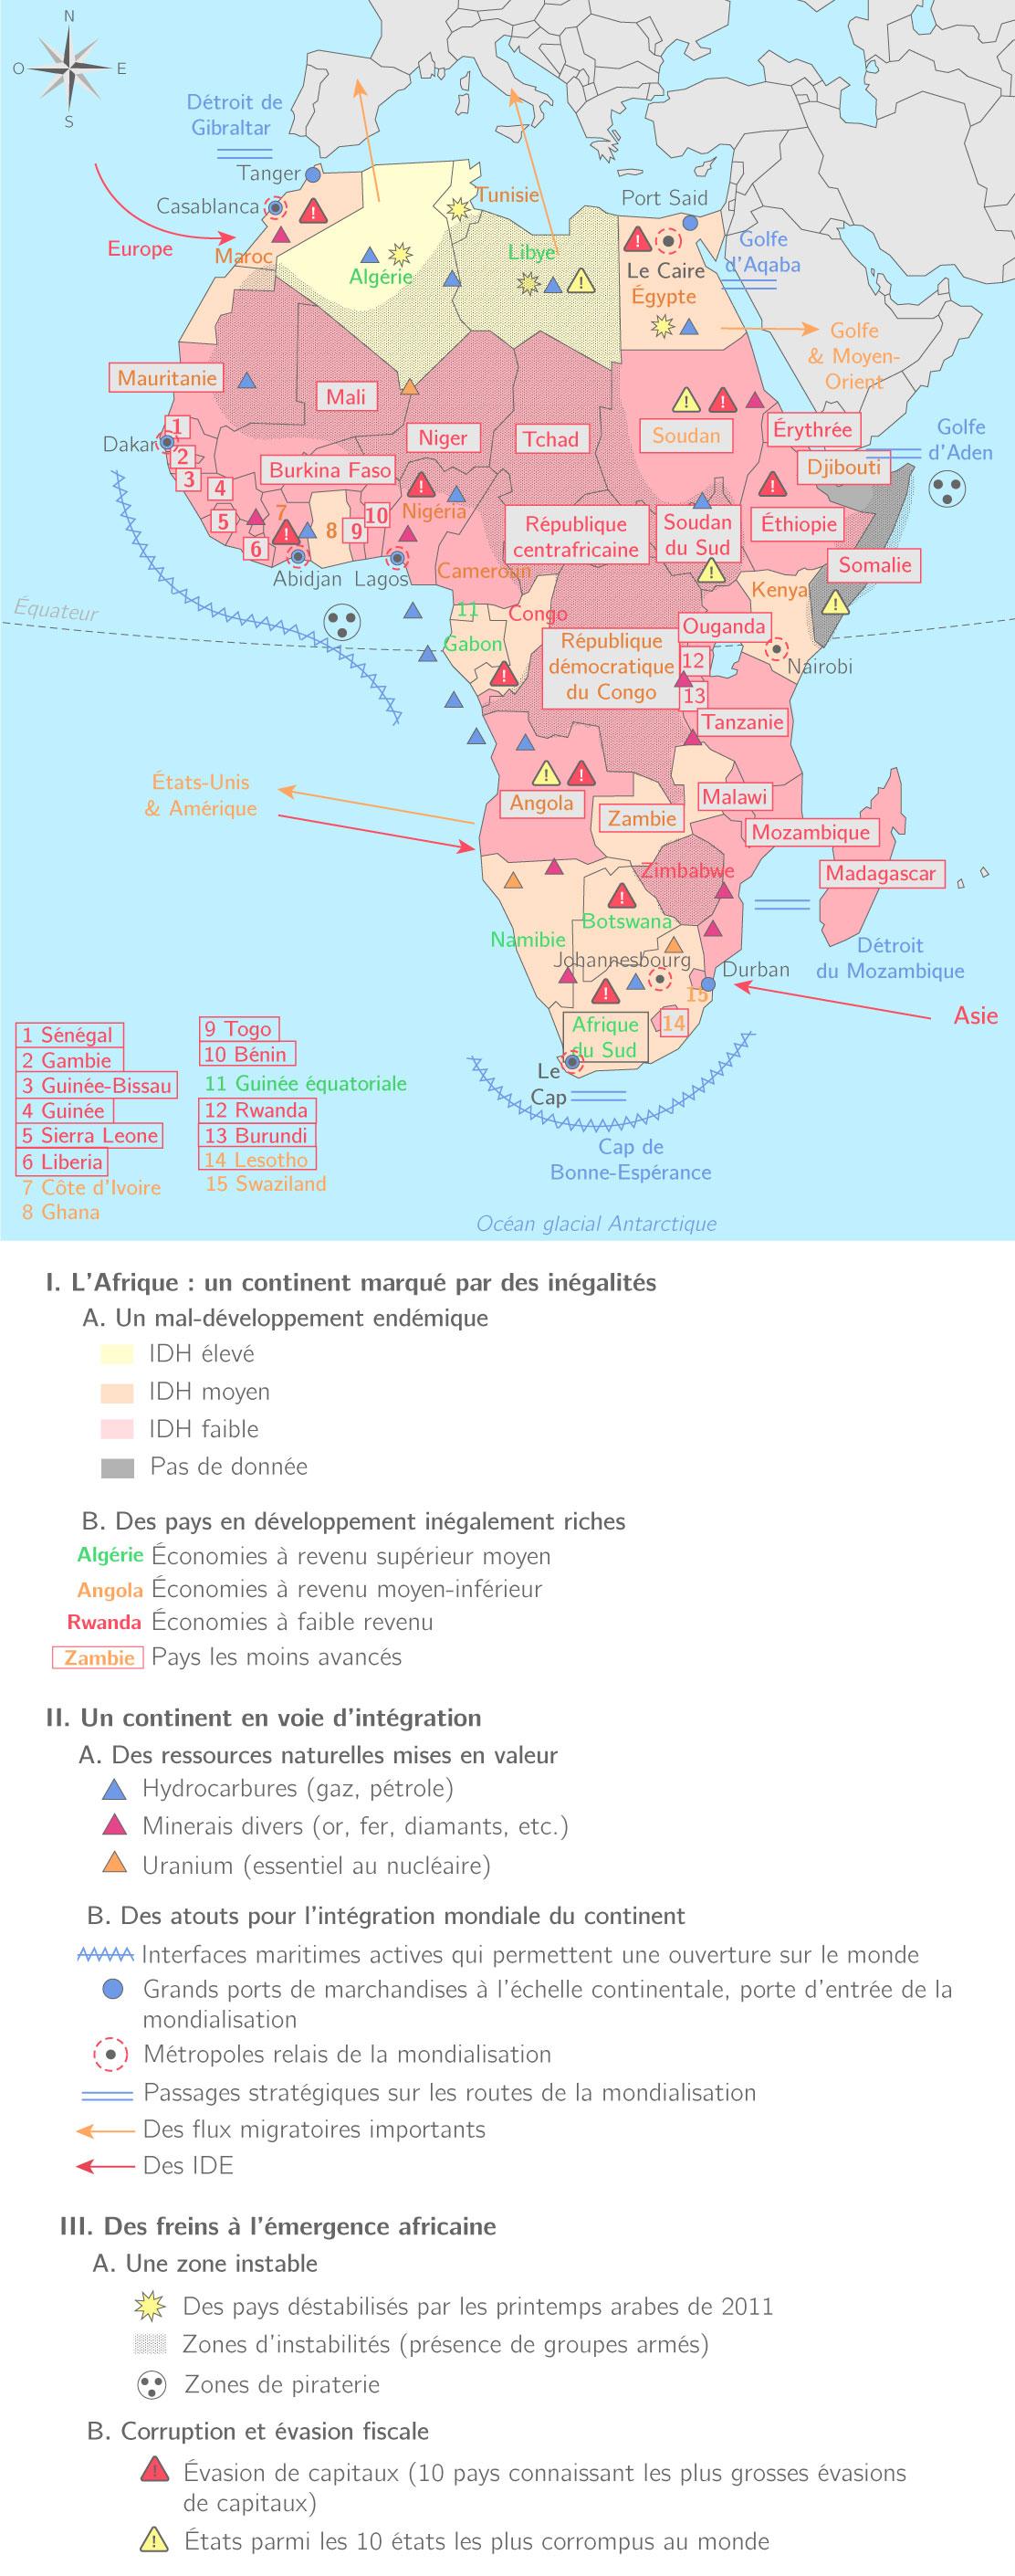 le continent africain face au développement et à la mondialisation carte Le continent africain face au développement et à la mondialisation